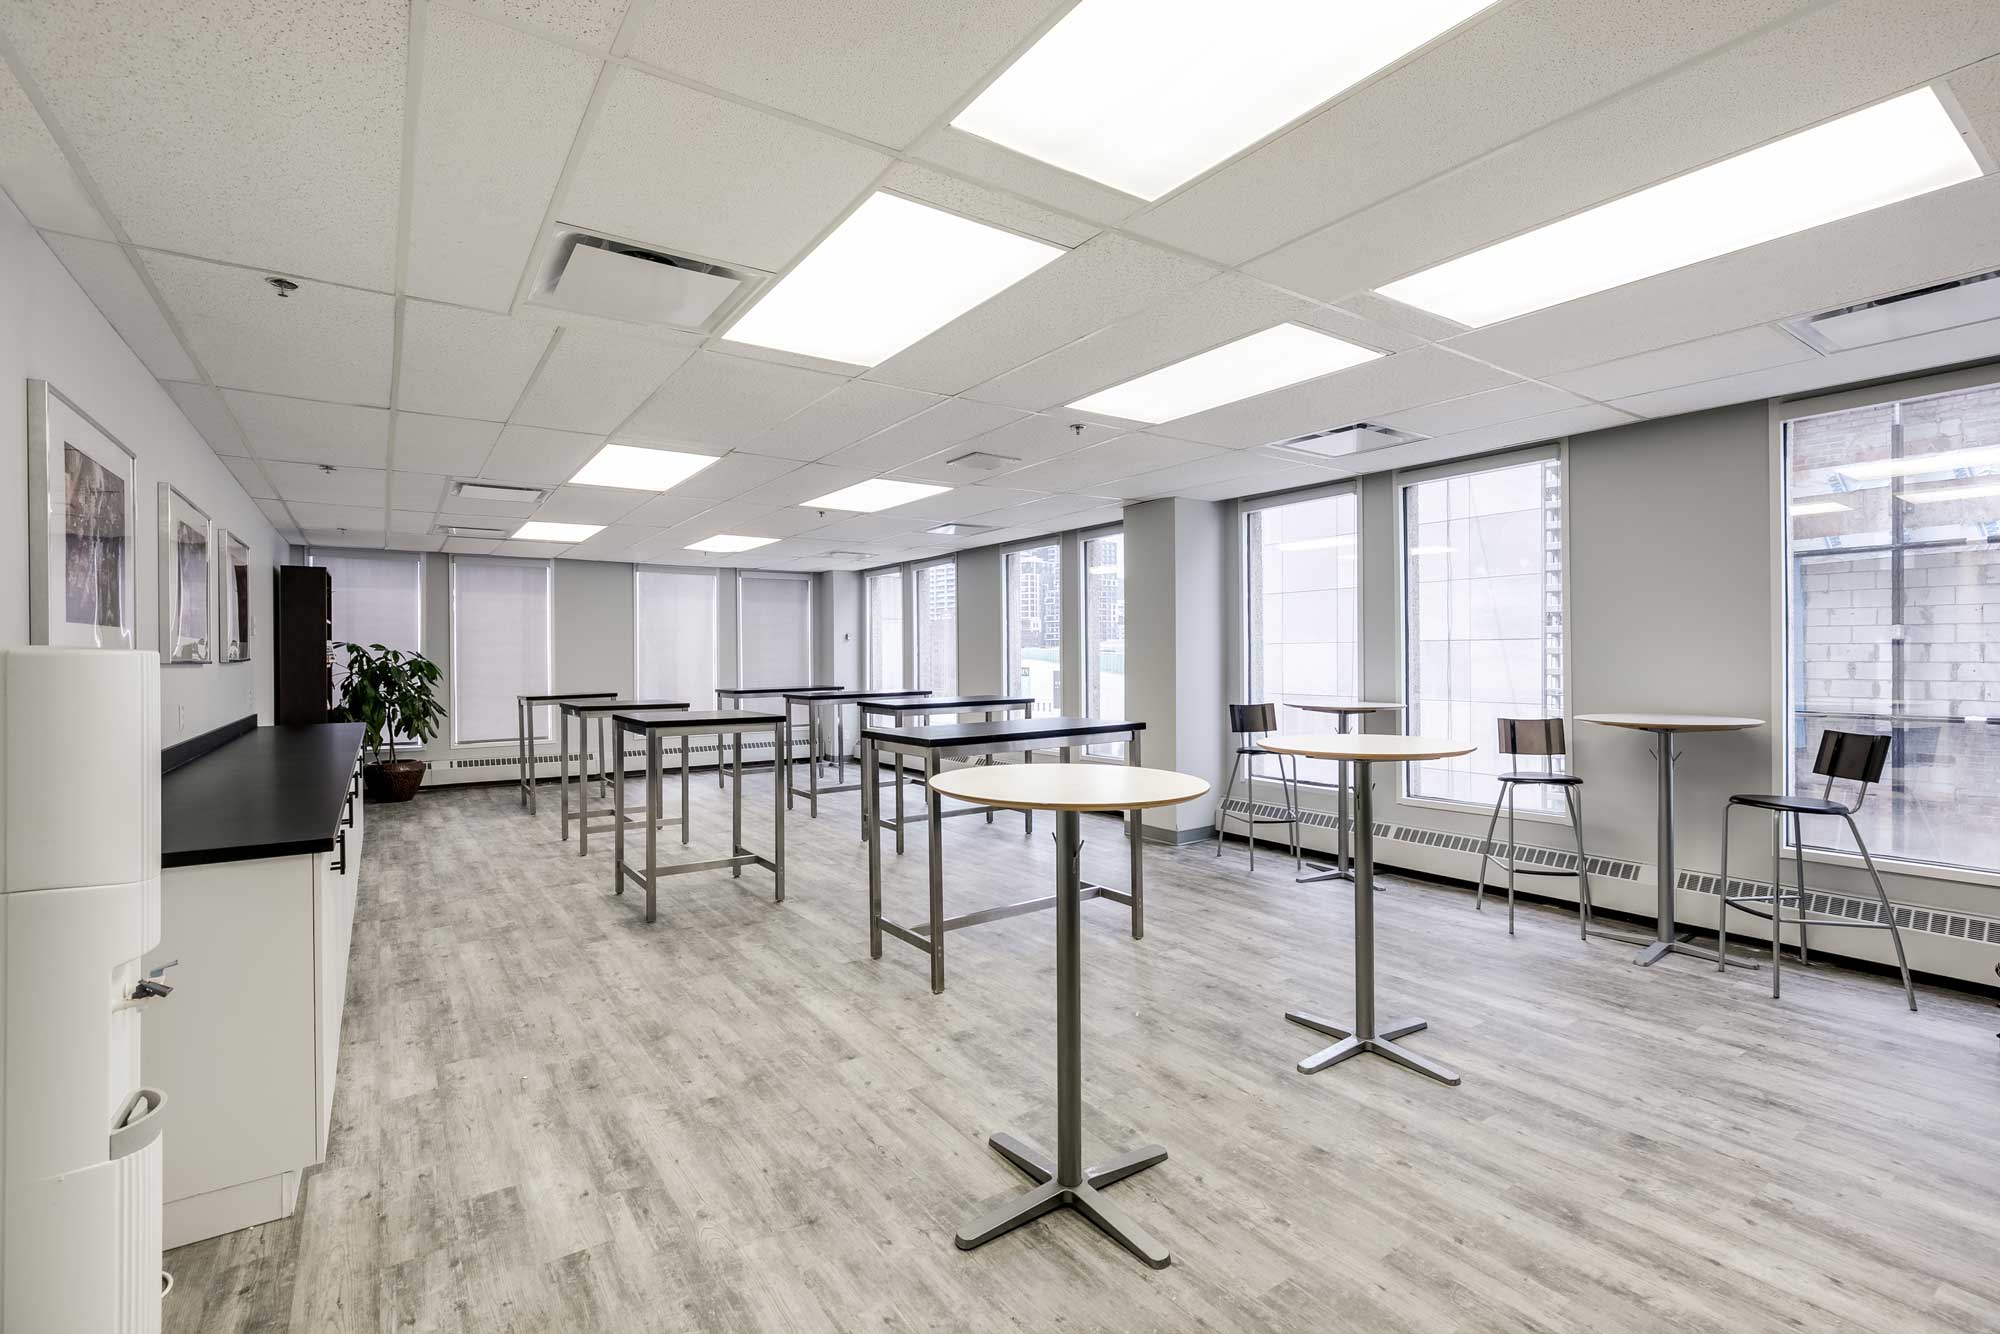 cafétéria dans une entreprise avec tables hautes et plancher en vinyle gris imitation de bois